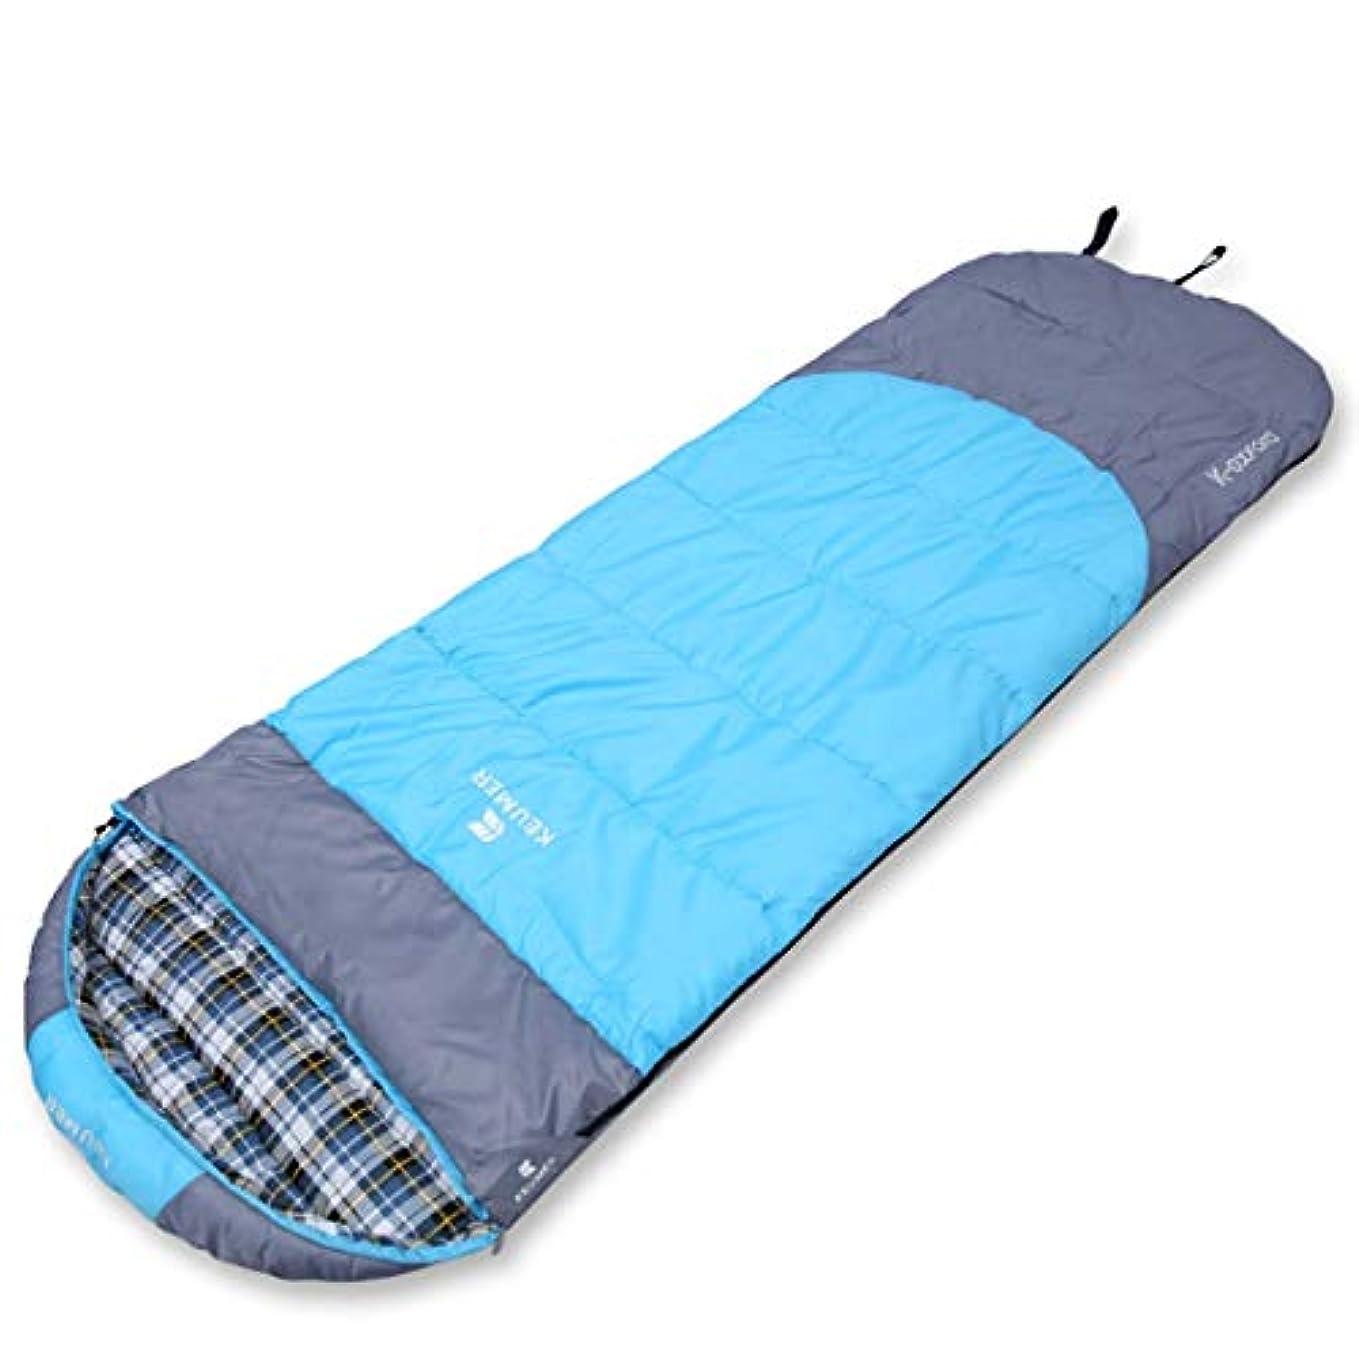 幸運なことに魅力フォアマンLilyAngel 寝袋暖かいフィールドポータブル封筒暖かいポータブル一緒に戦うことができる野生の屋外キャンプに適したダブル通気性の寝袋